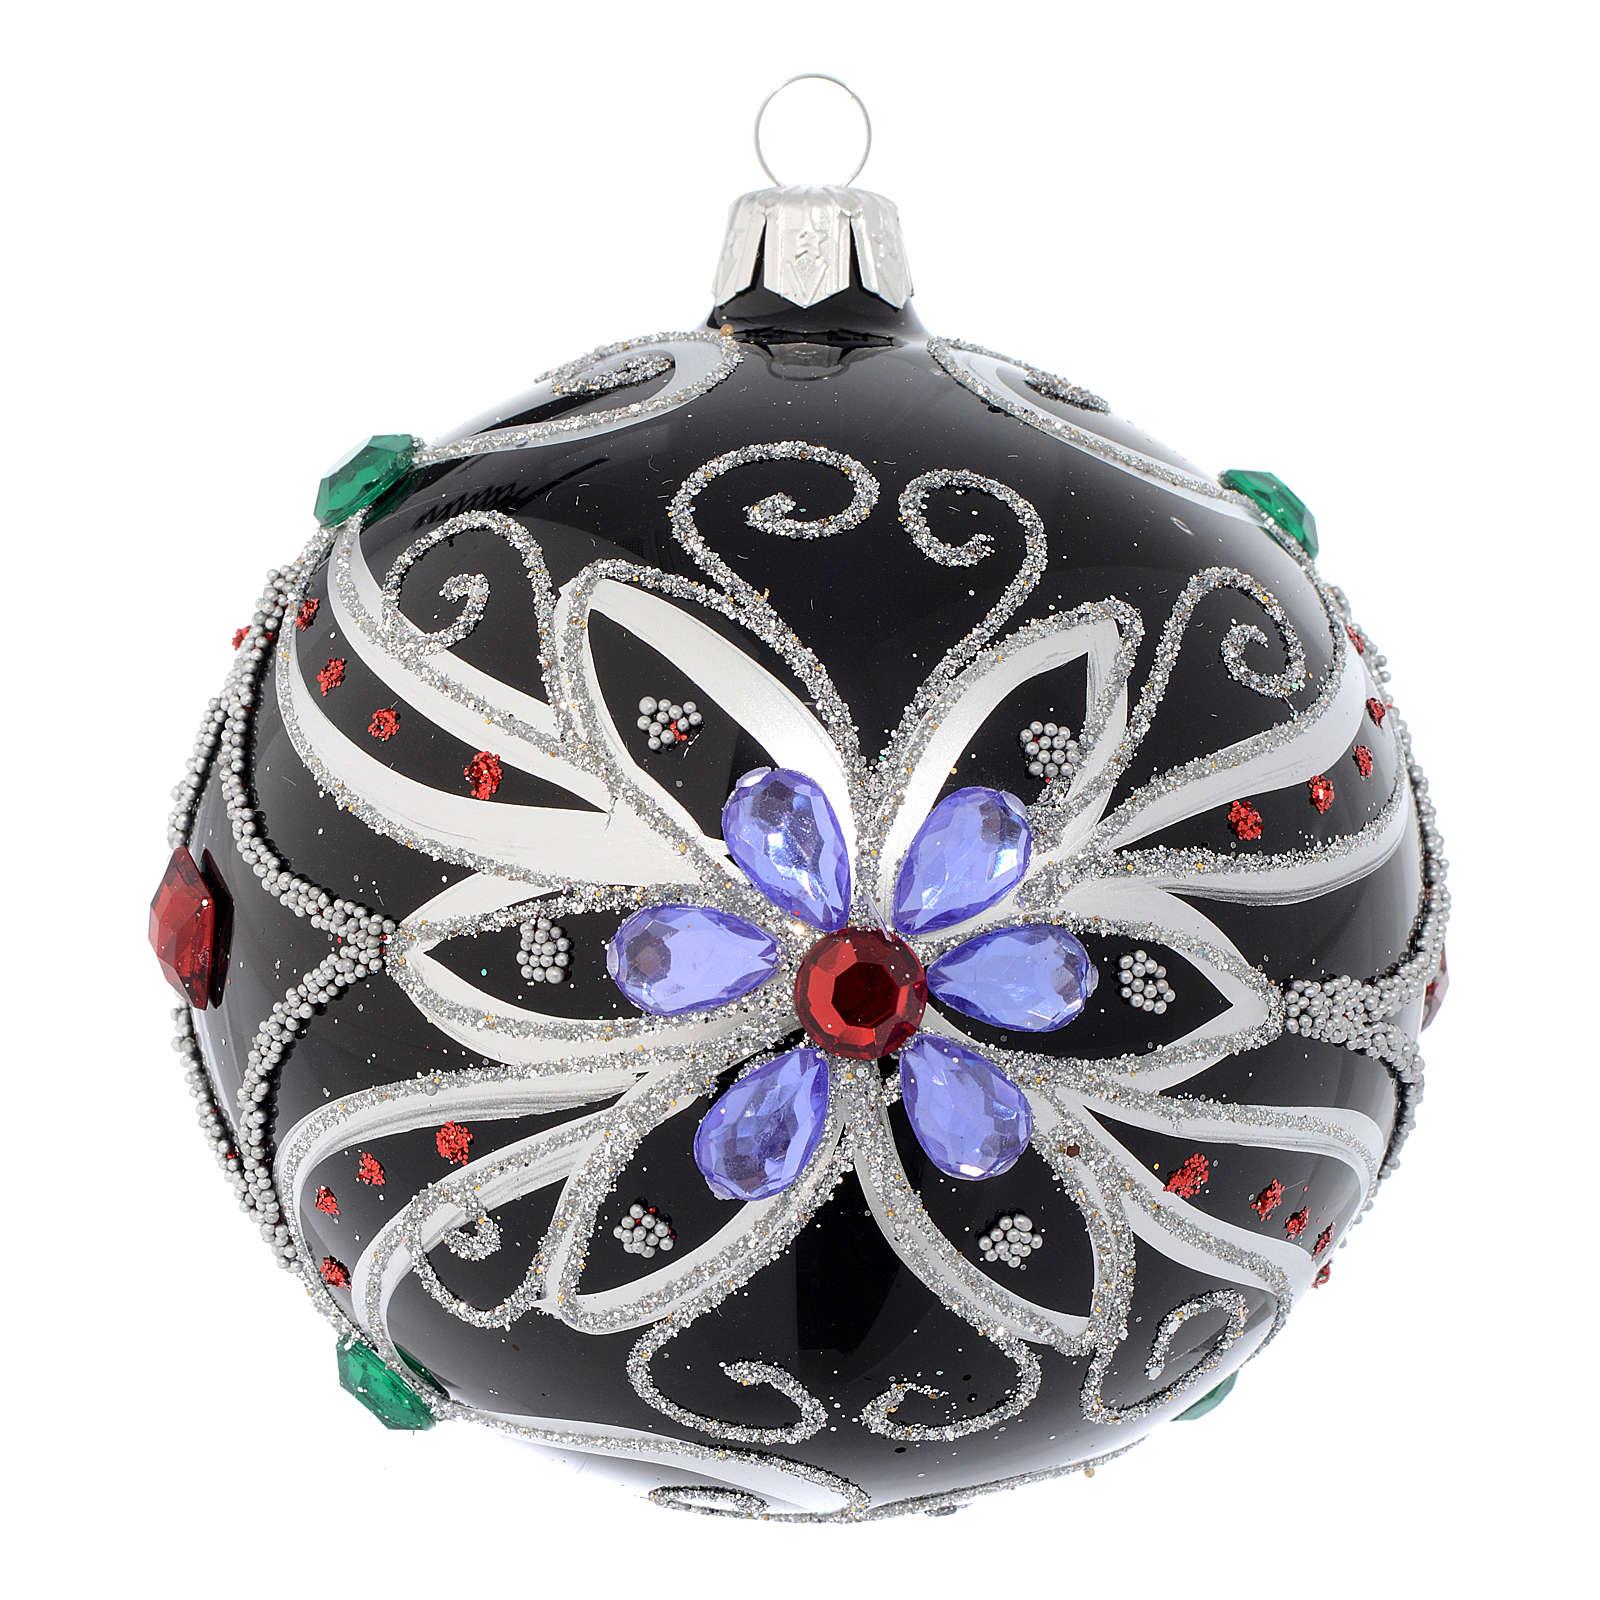 Pallina Natale in vetro soffiato decoro floreale nero e argento 100 mm 4